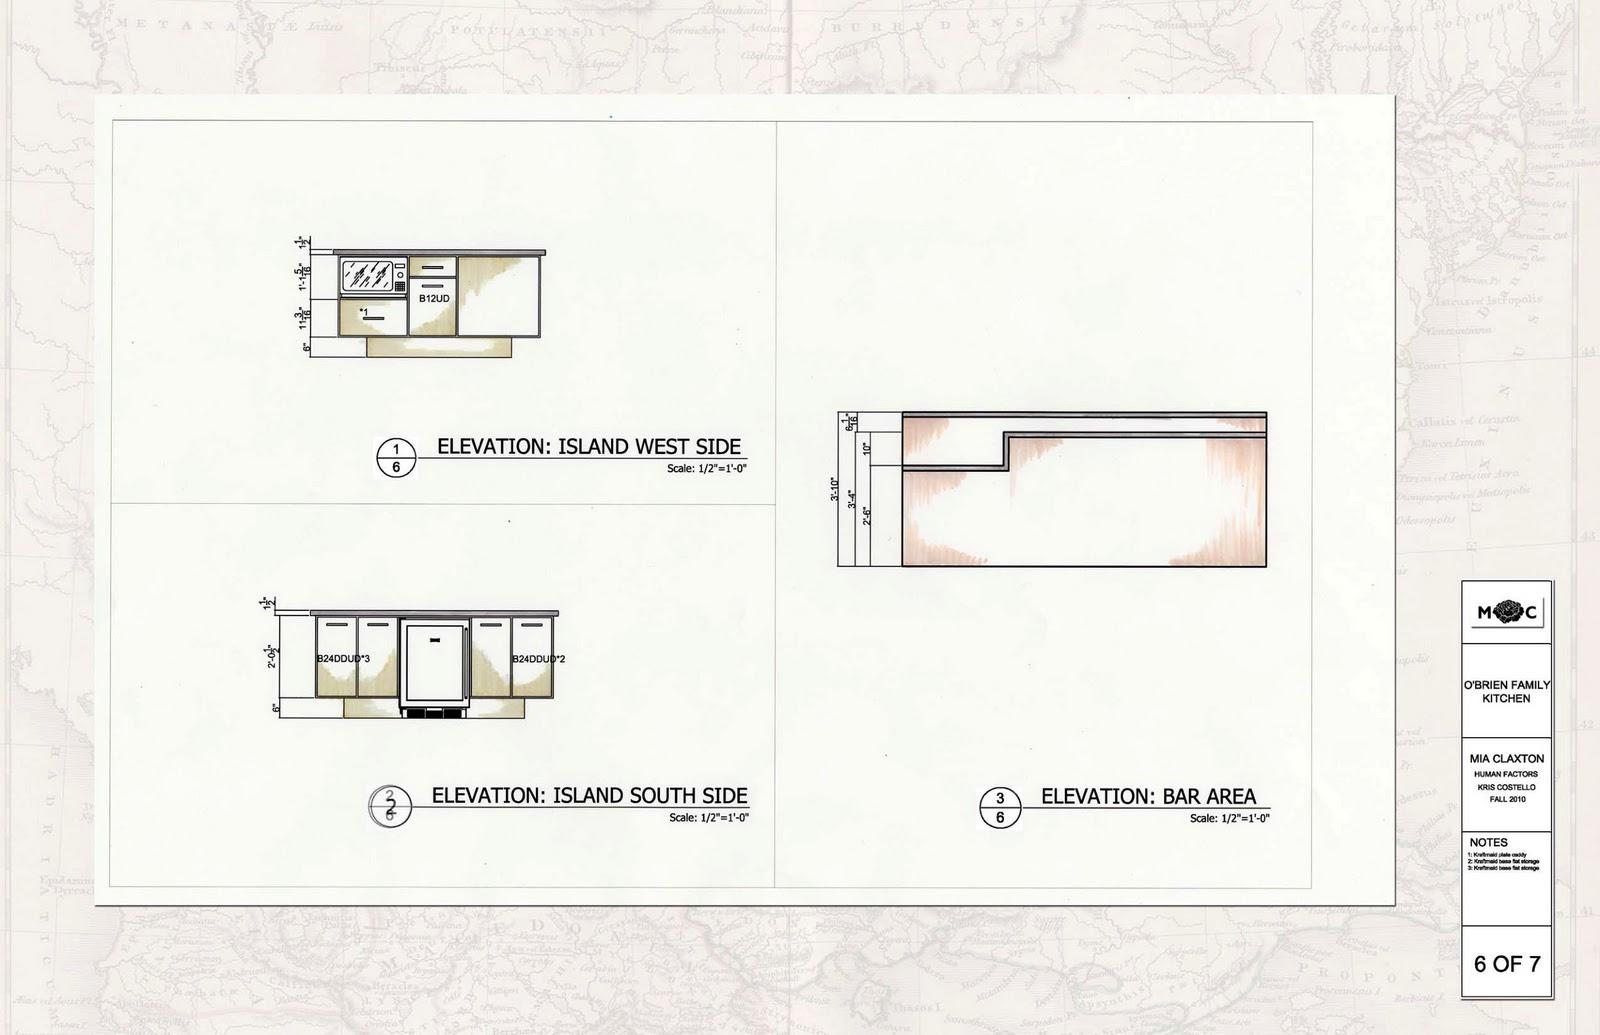 Kitchen Island Elevation universal kitchen | aim to design